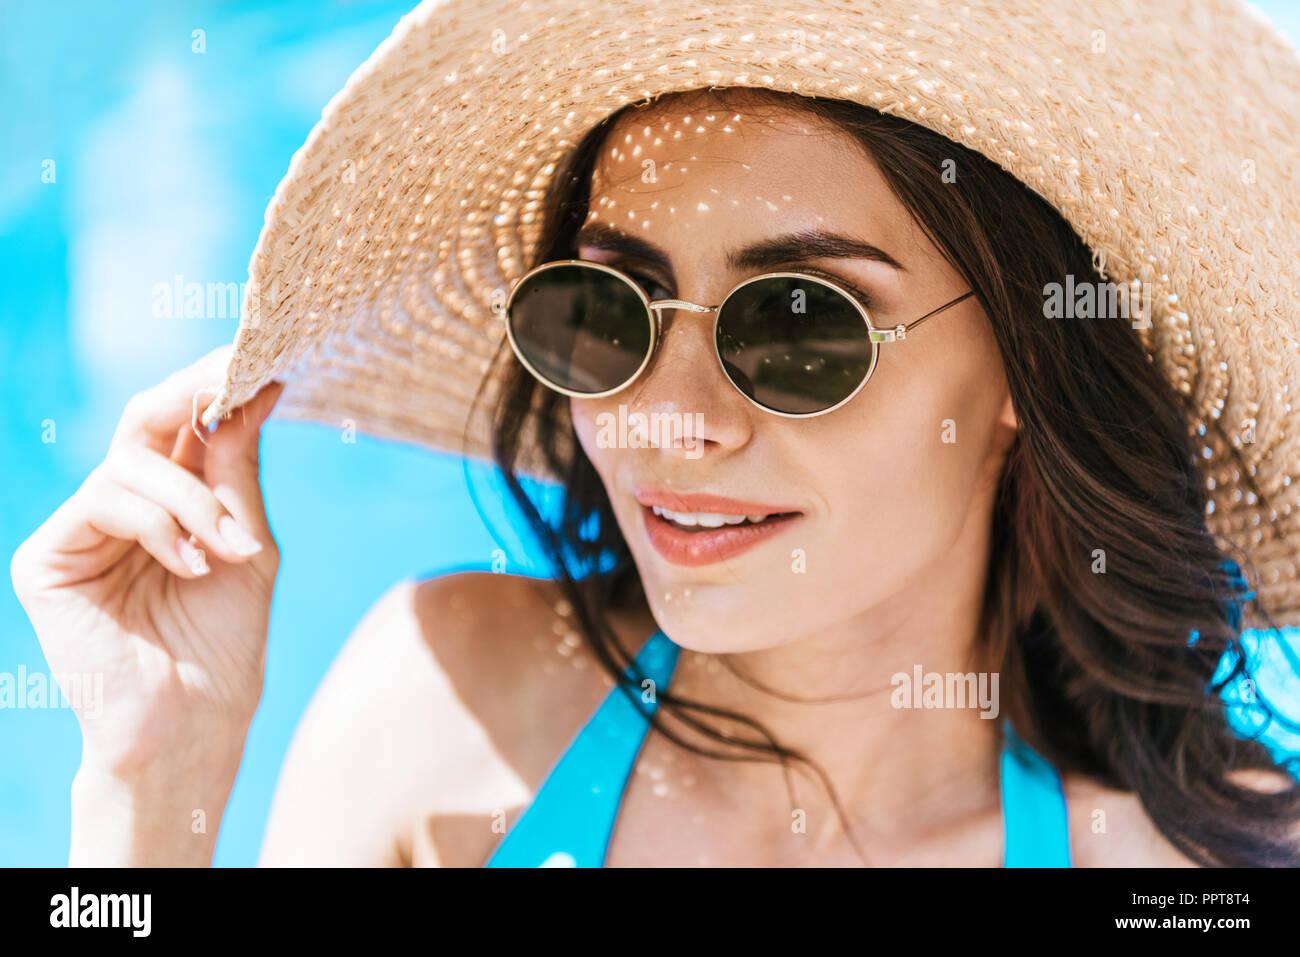 Schöne brünette Frau mit Sonnenbrille und Strohhut am Pool lächelnd Stockbild